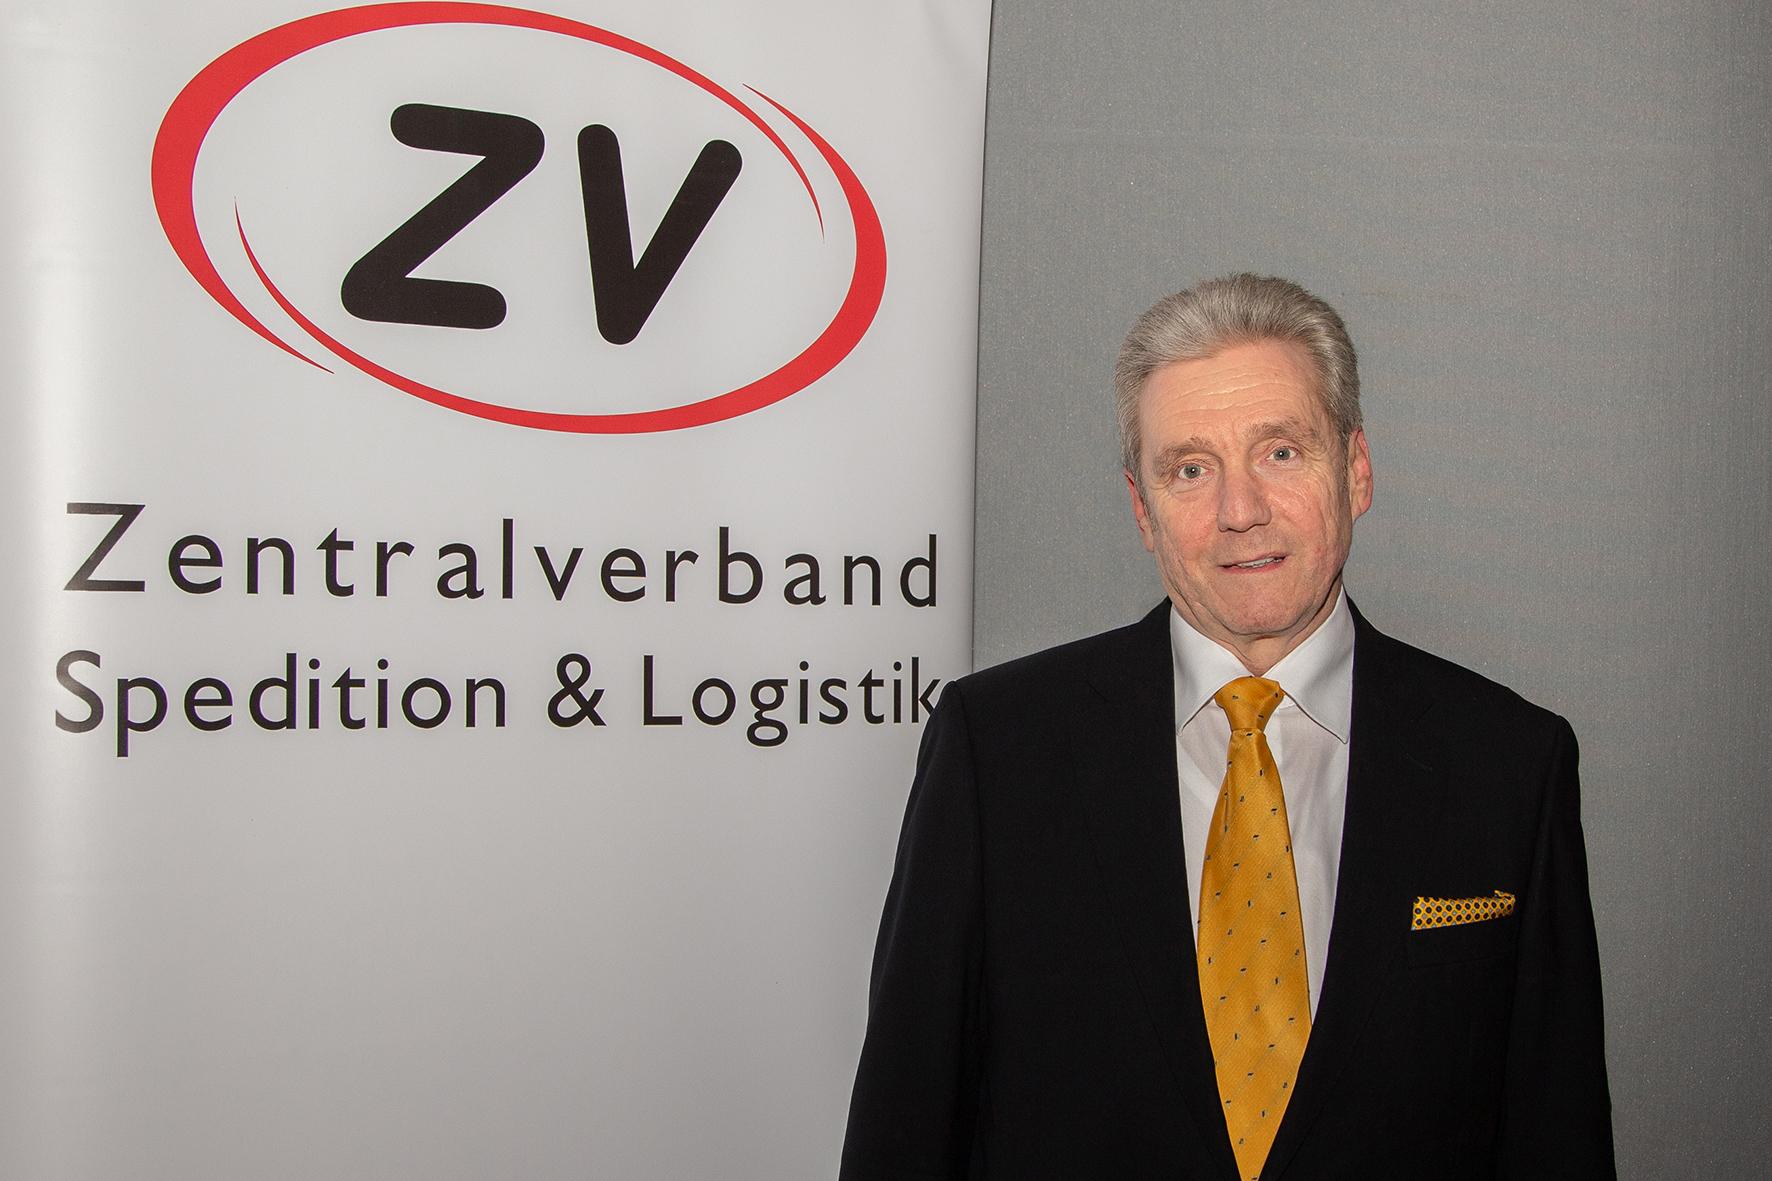 Zentralverband Spedition & Logistik zu Mobilitätsmasterplan 2030